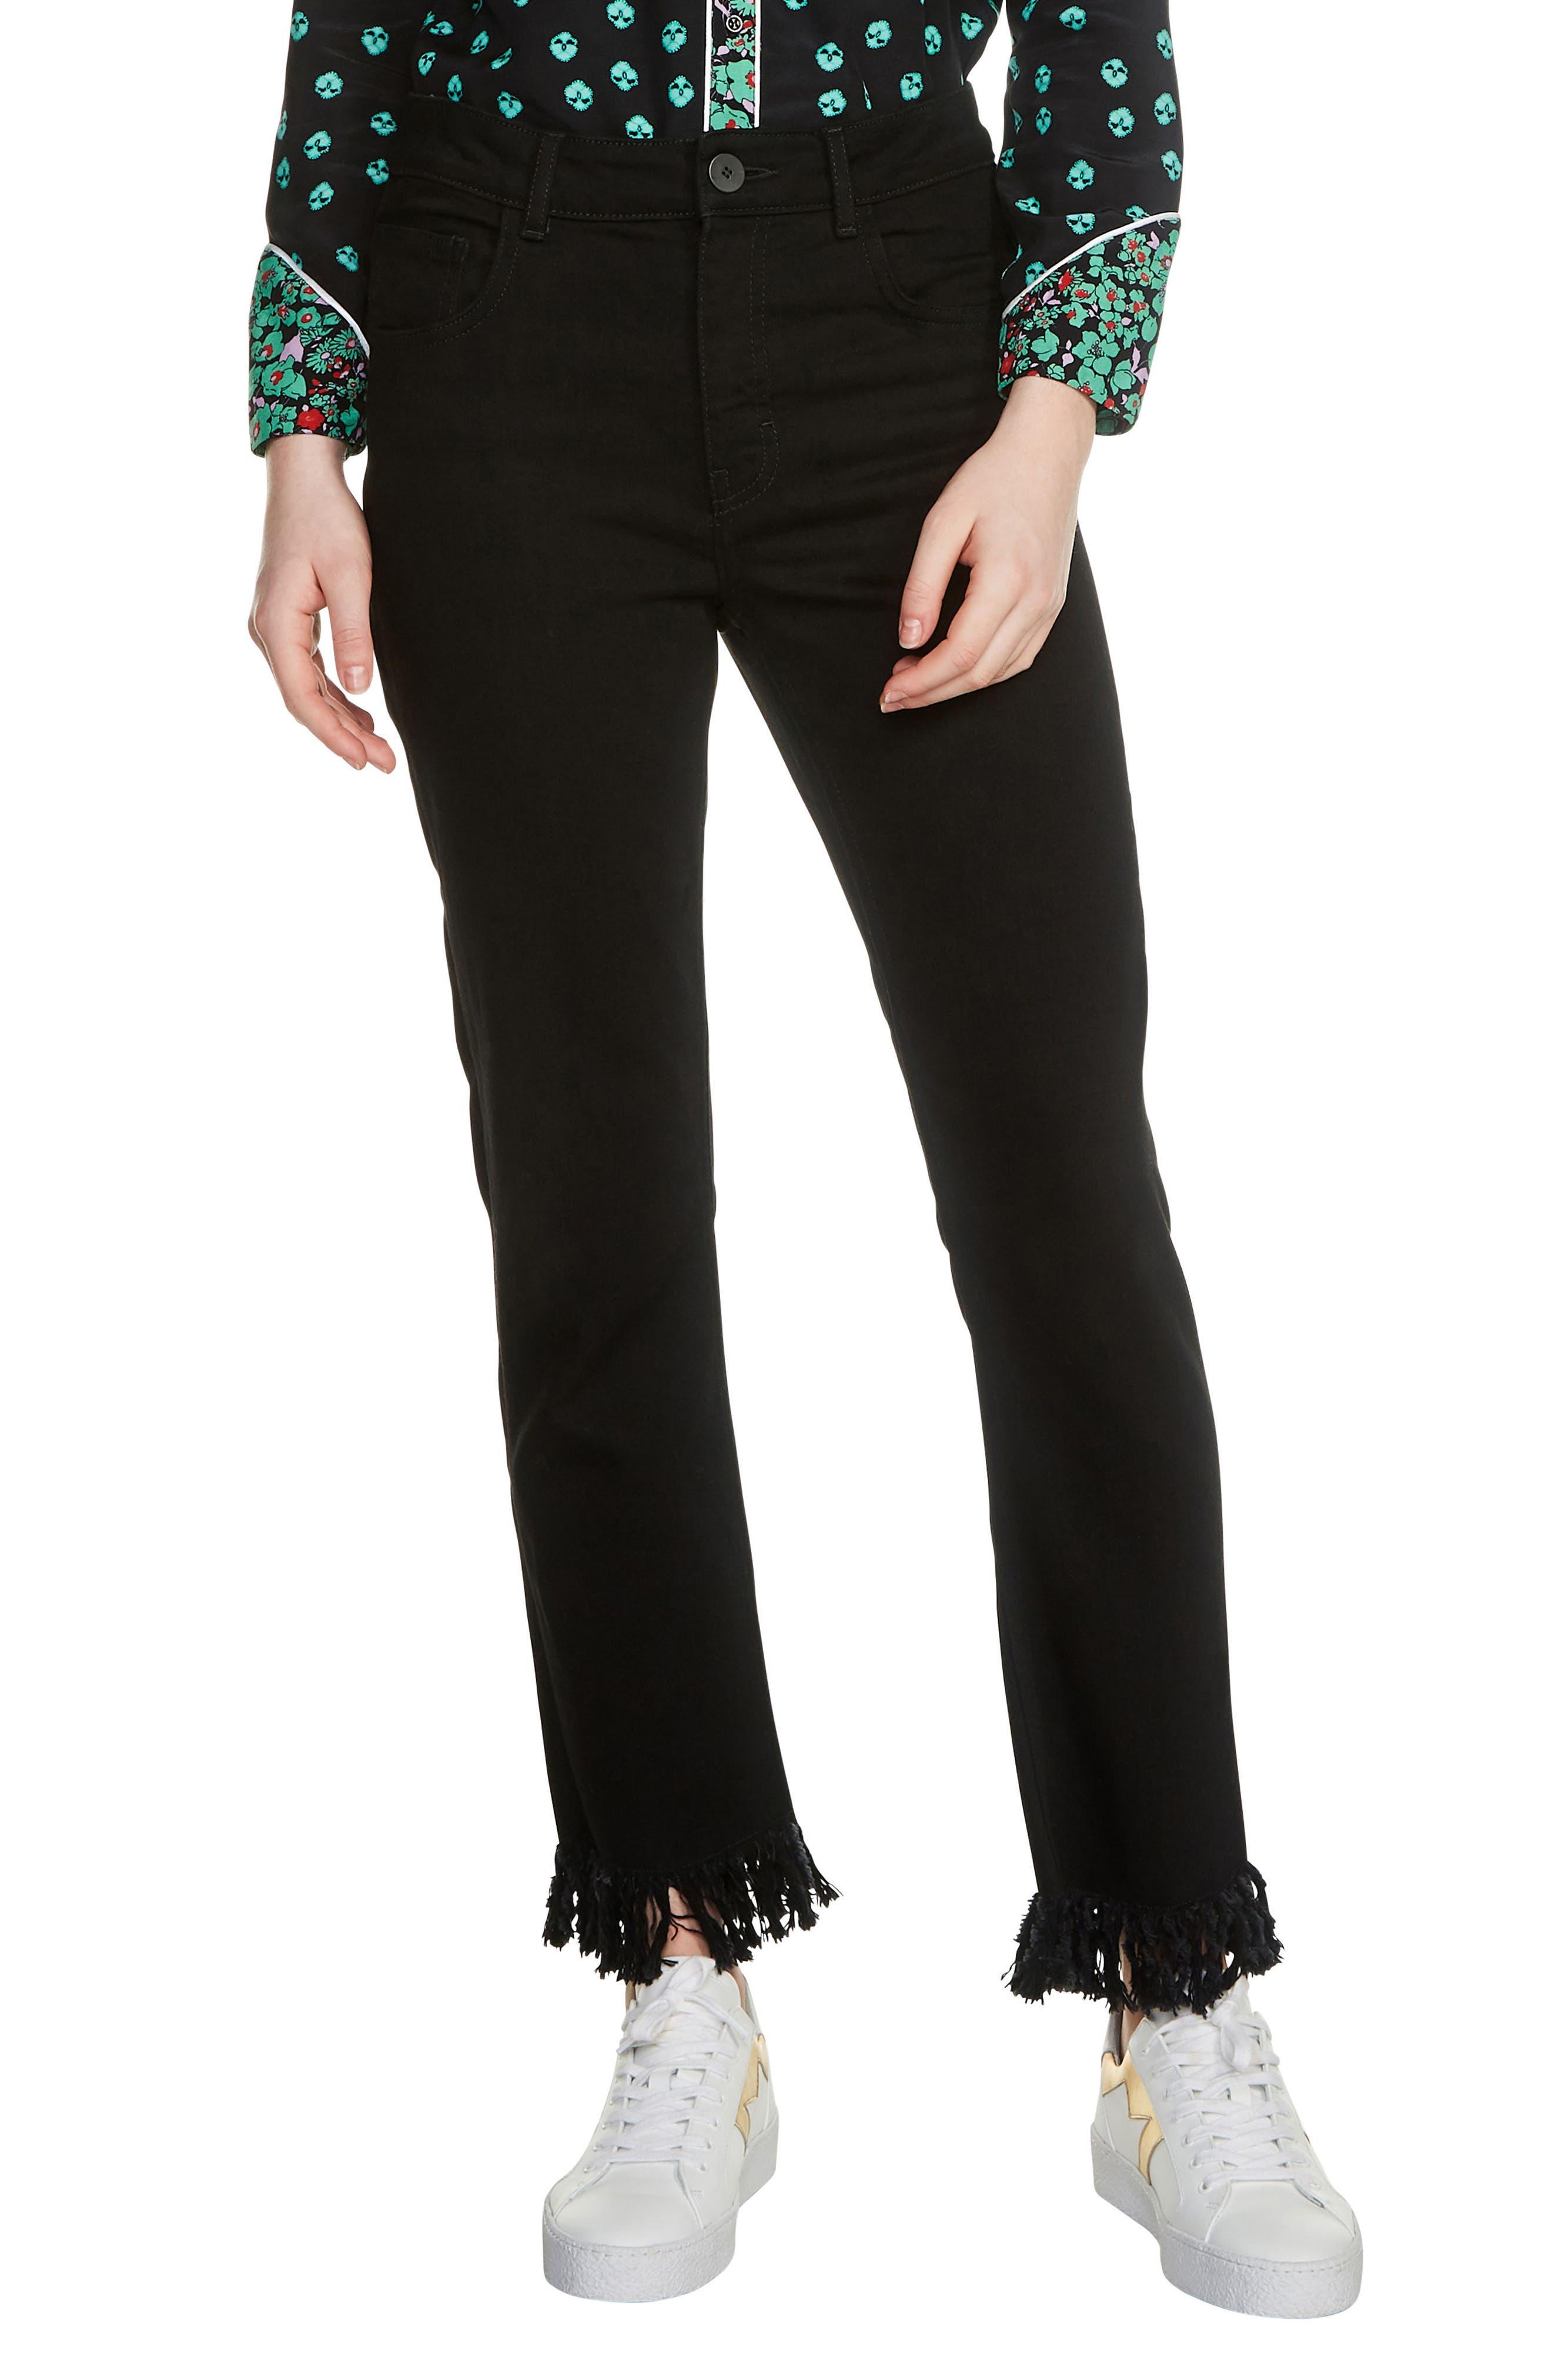 Panako Fringe Hem Jeans,                             Main thumbnail 1, color,                             Black 210